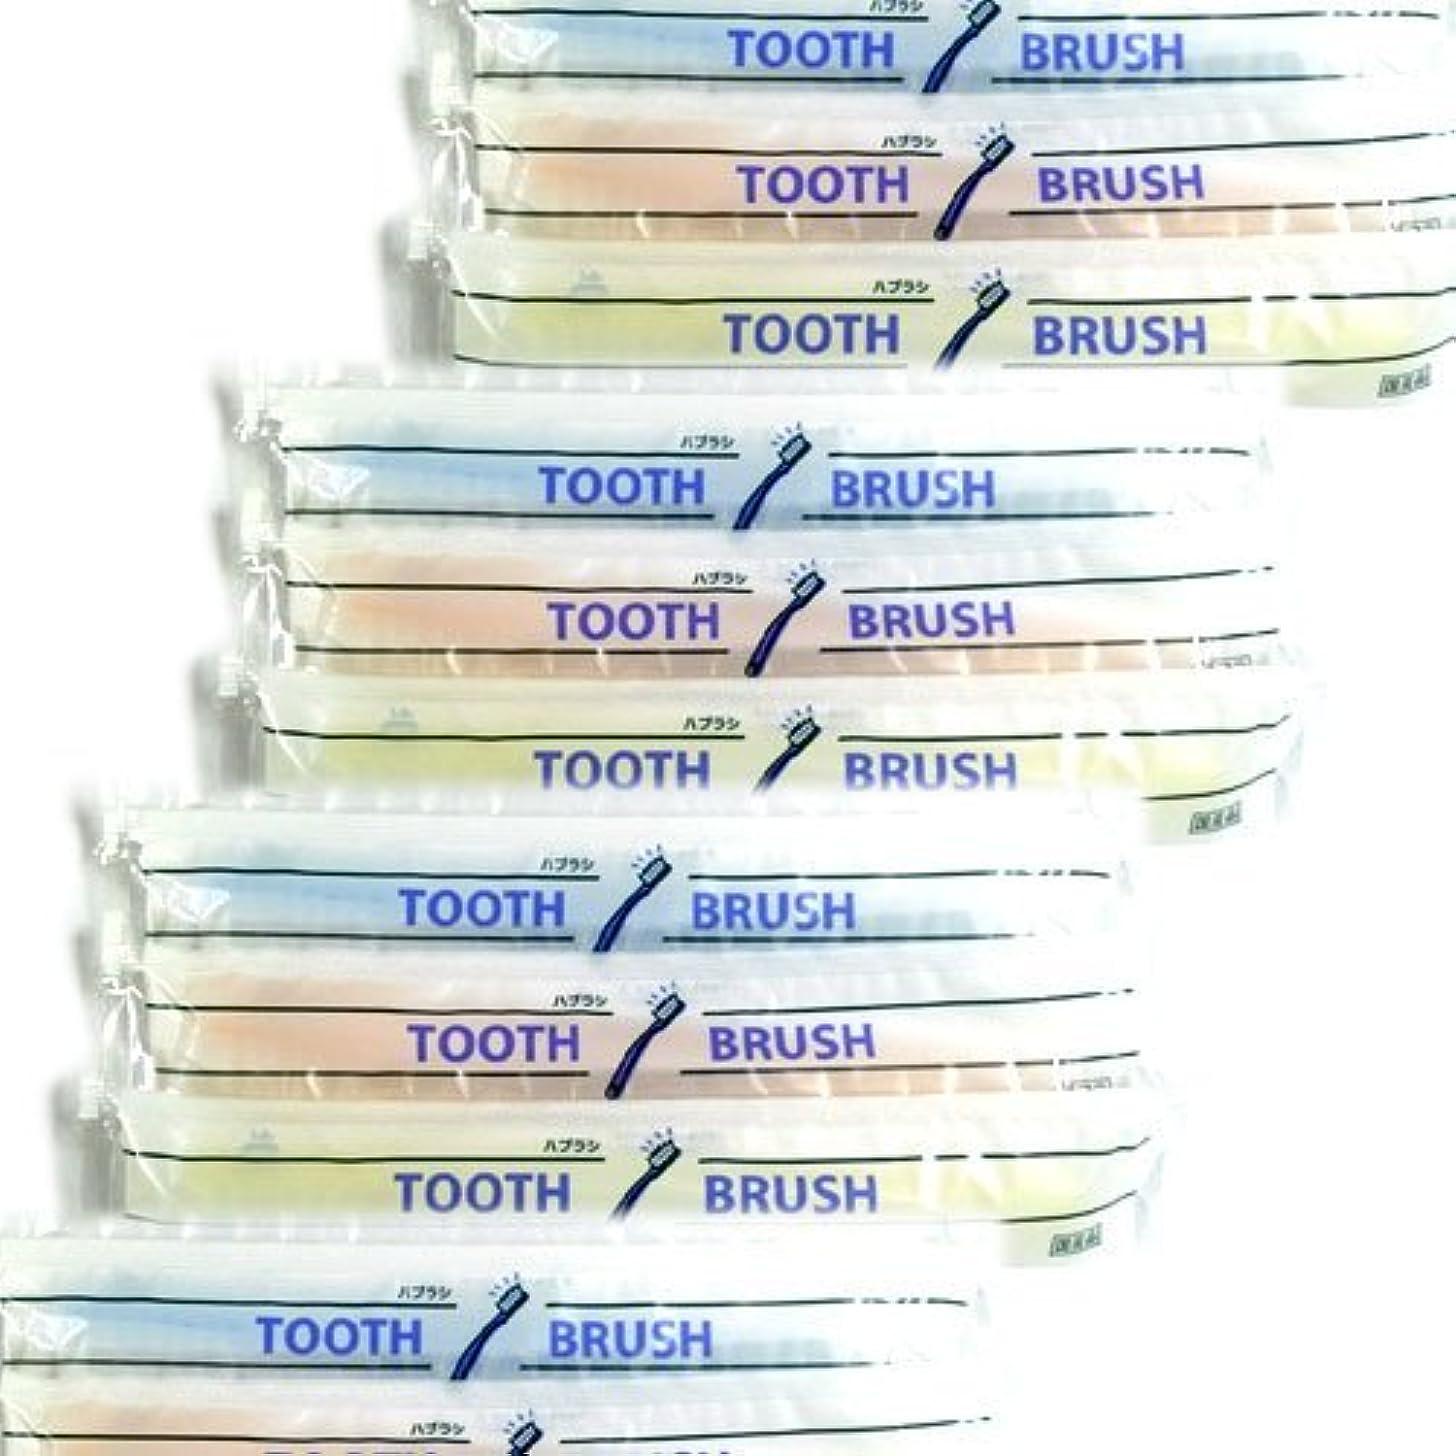 子供っぽい不健康静けさホテルアメニティ 業務用 使い捨て(インスタント) 粉付き歯ブラシ × 500個セット